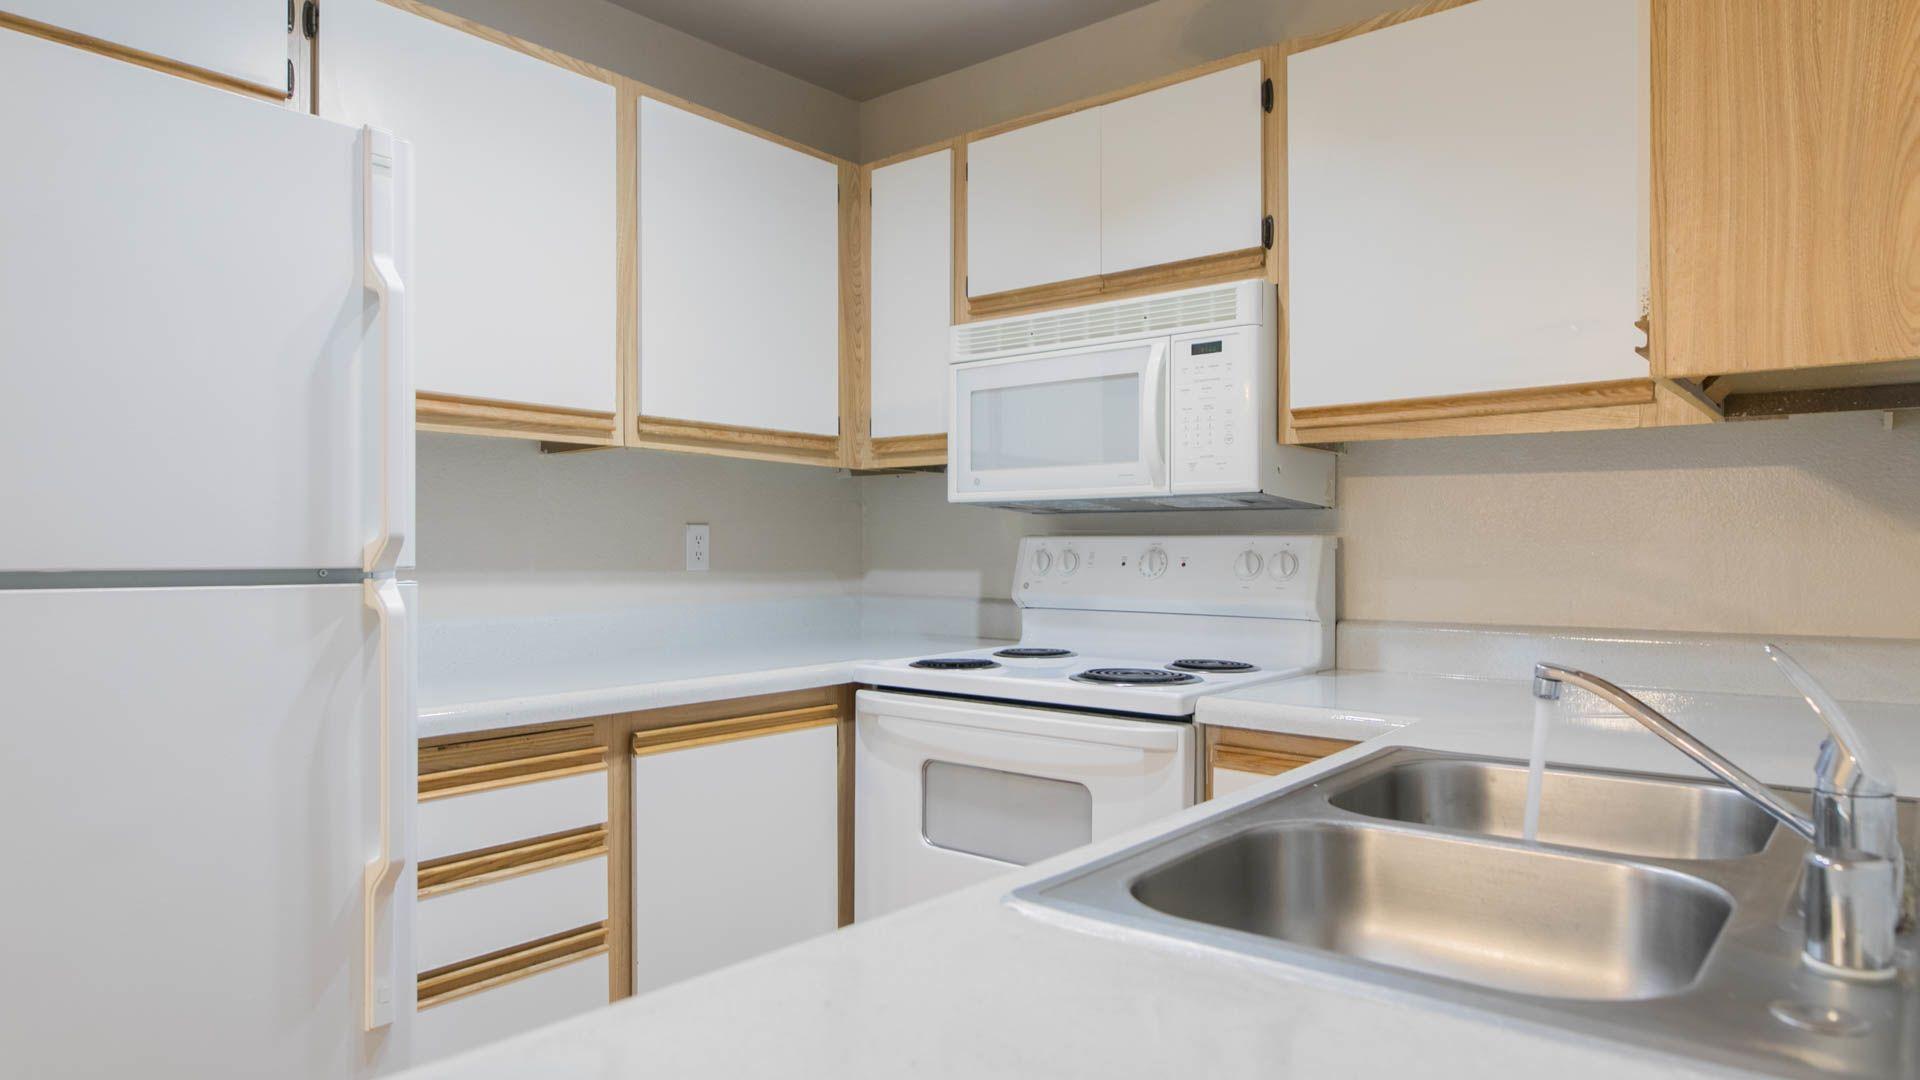 Hampshire Place Apartments - Kitchen